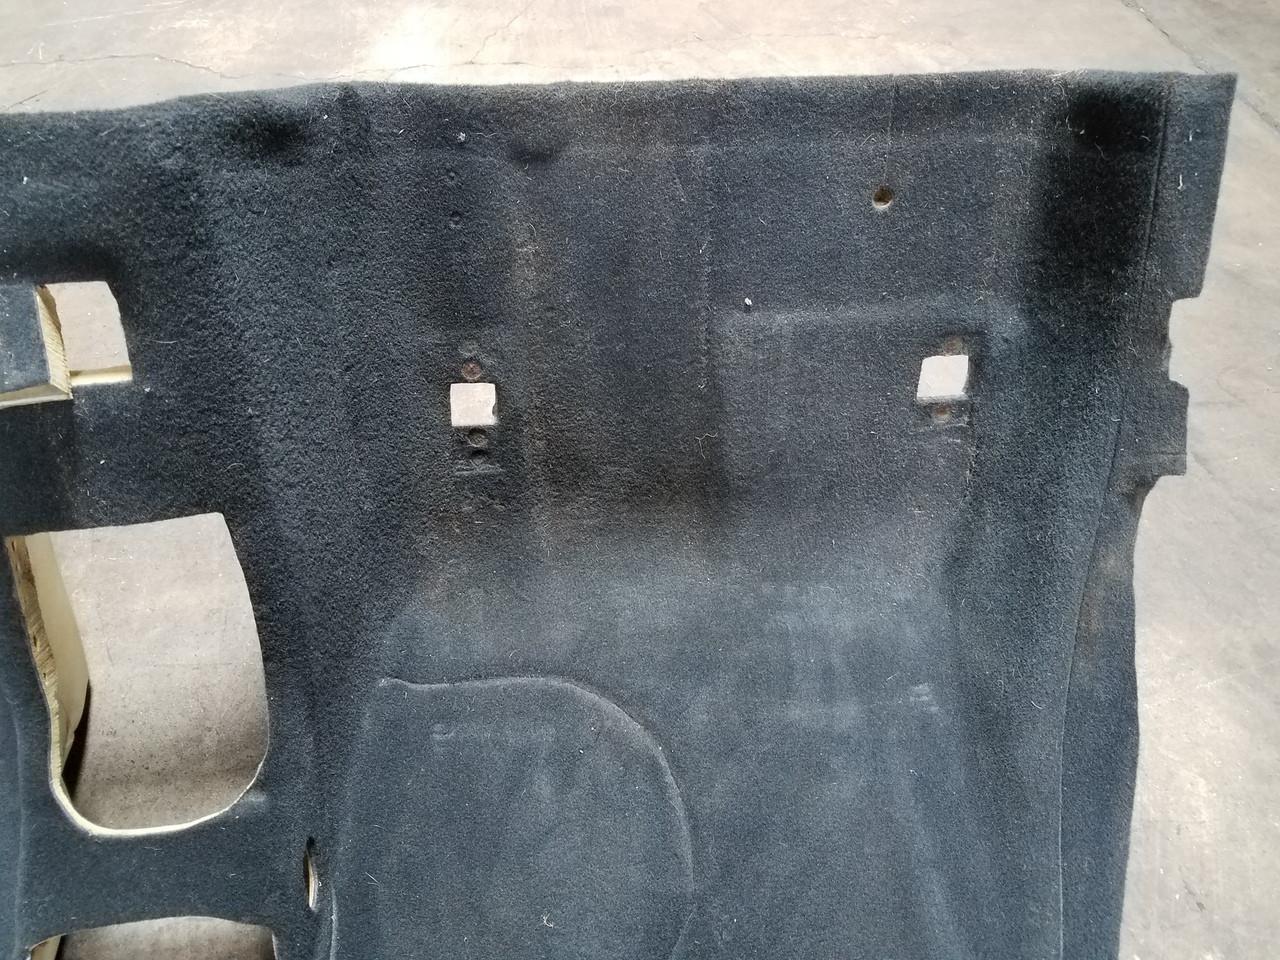 96-99 BMW E36/7 Z3 ROADSTER REAR BLACK CARPET 8397941